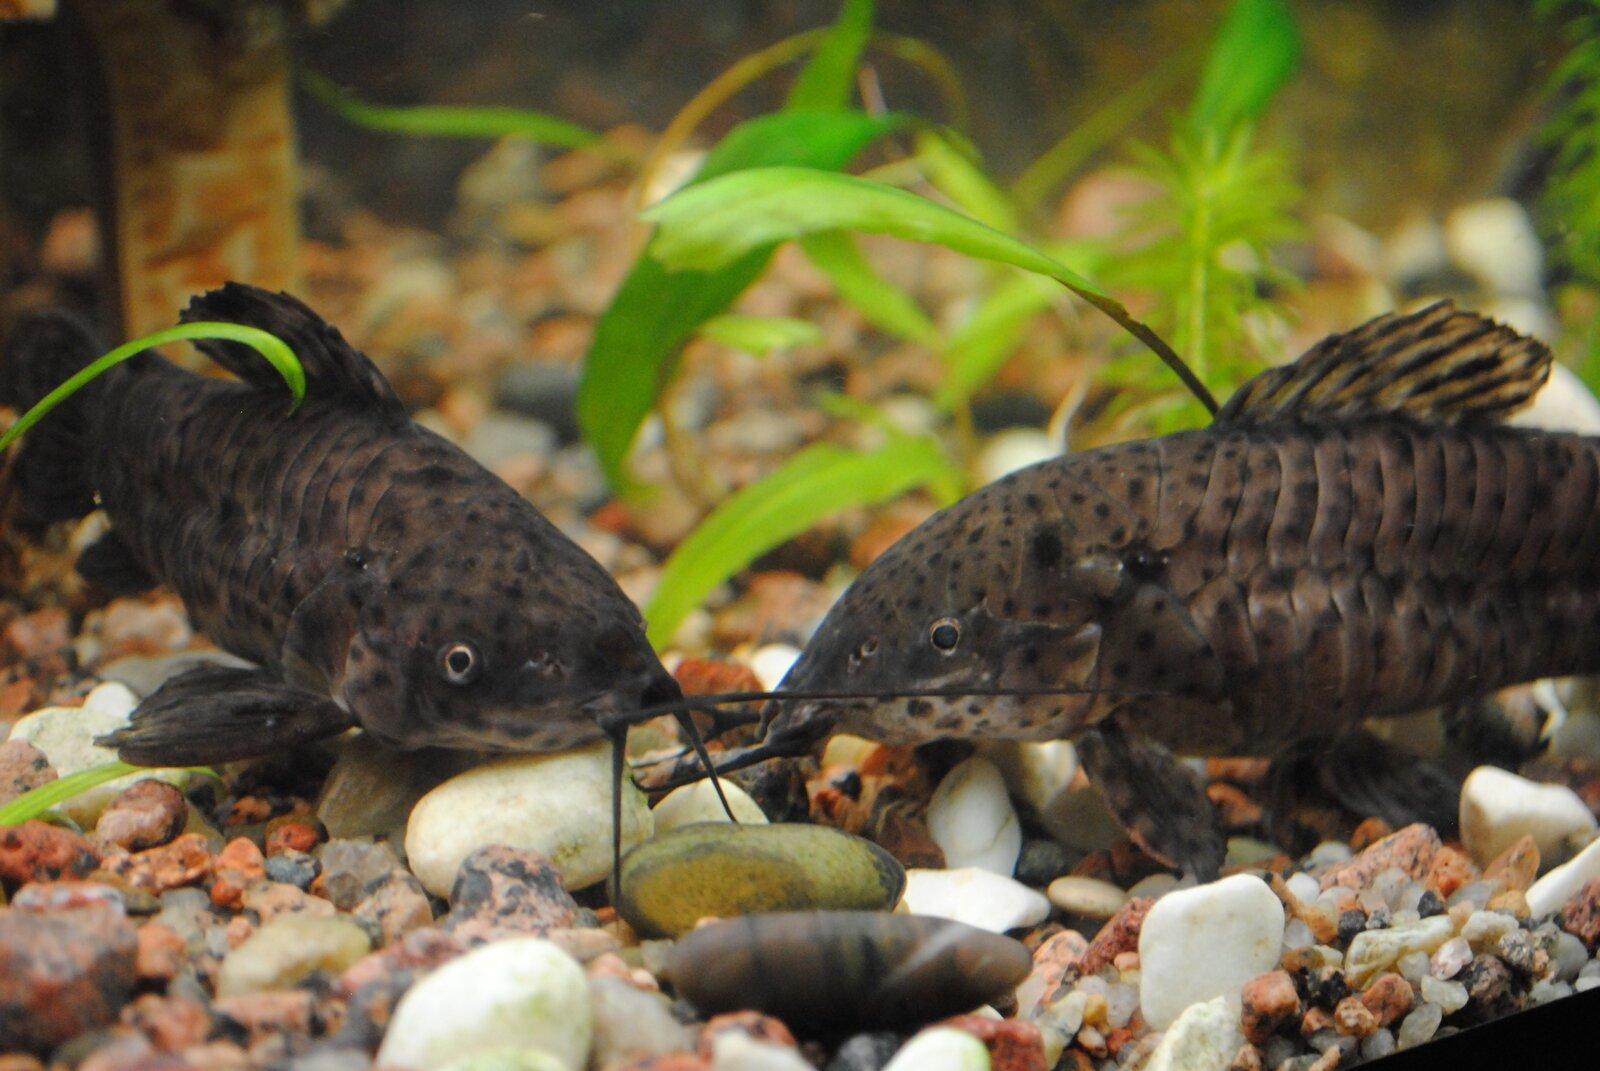 виды сомиков в аквариуме фото выглядят чуть более